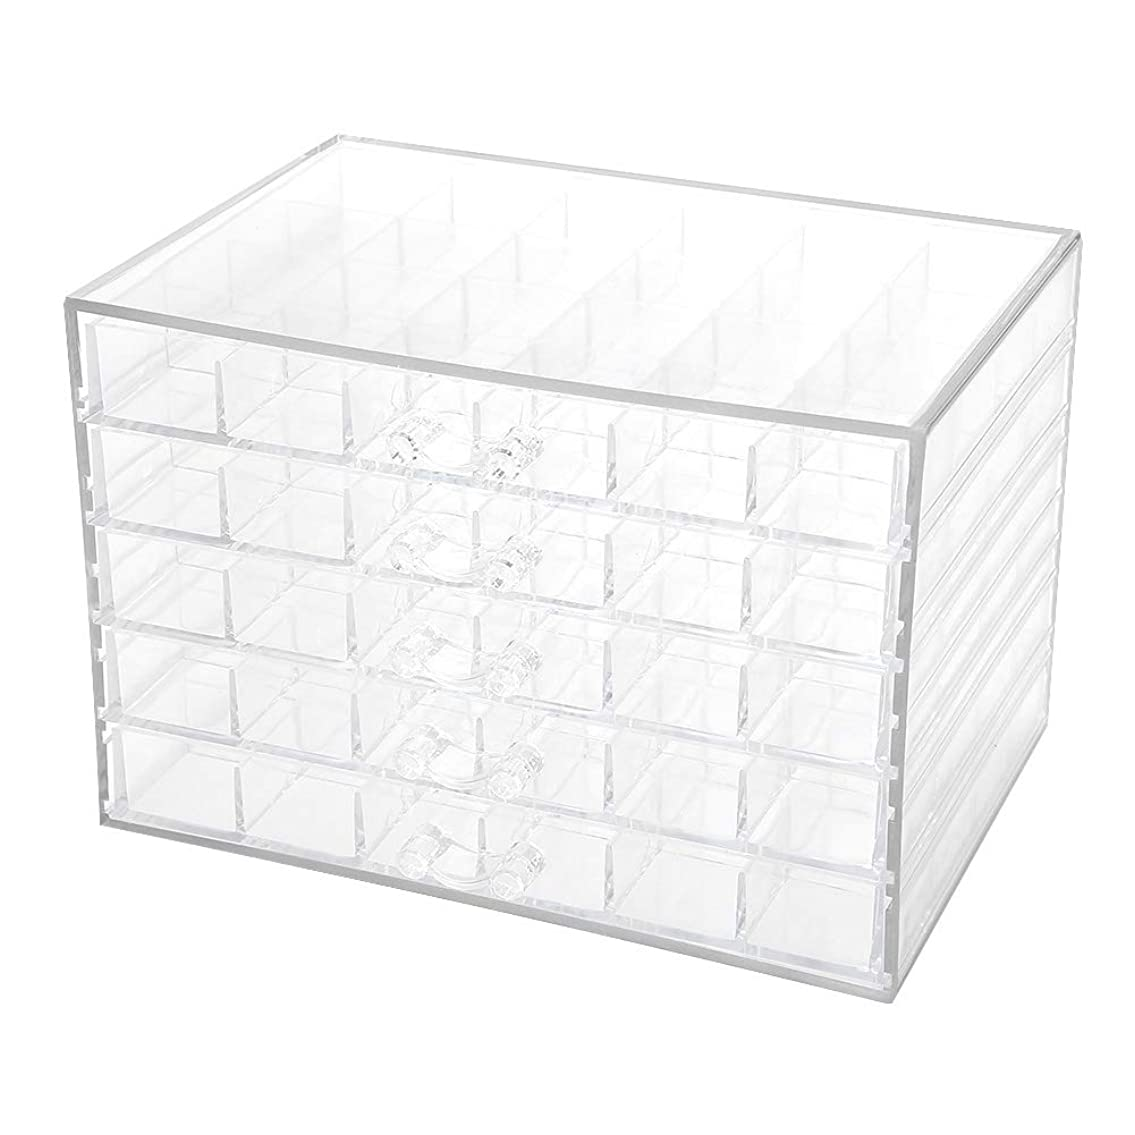 即席路地便利さネイルデコレーション収納ボックス、120グリッドネイルデコレーションシーケンス整理ボックス透明な空のネイルアート収納ボックス、ネイルアート整理ボックス